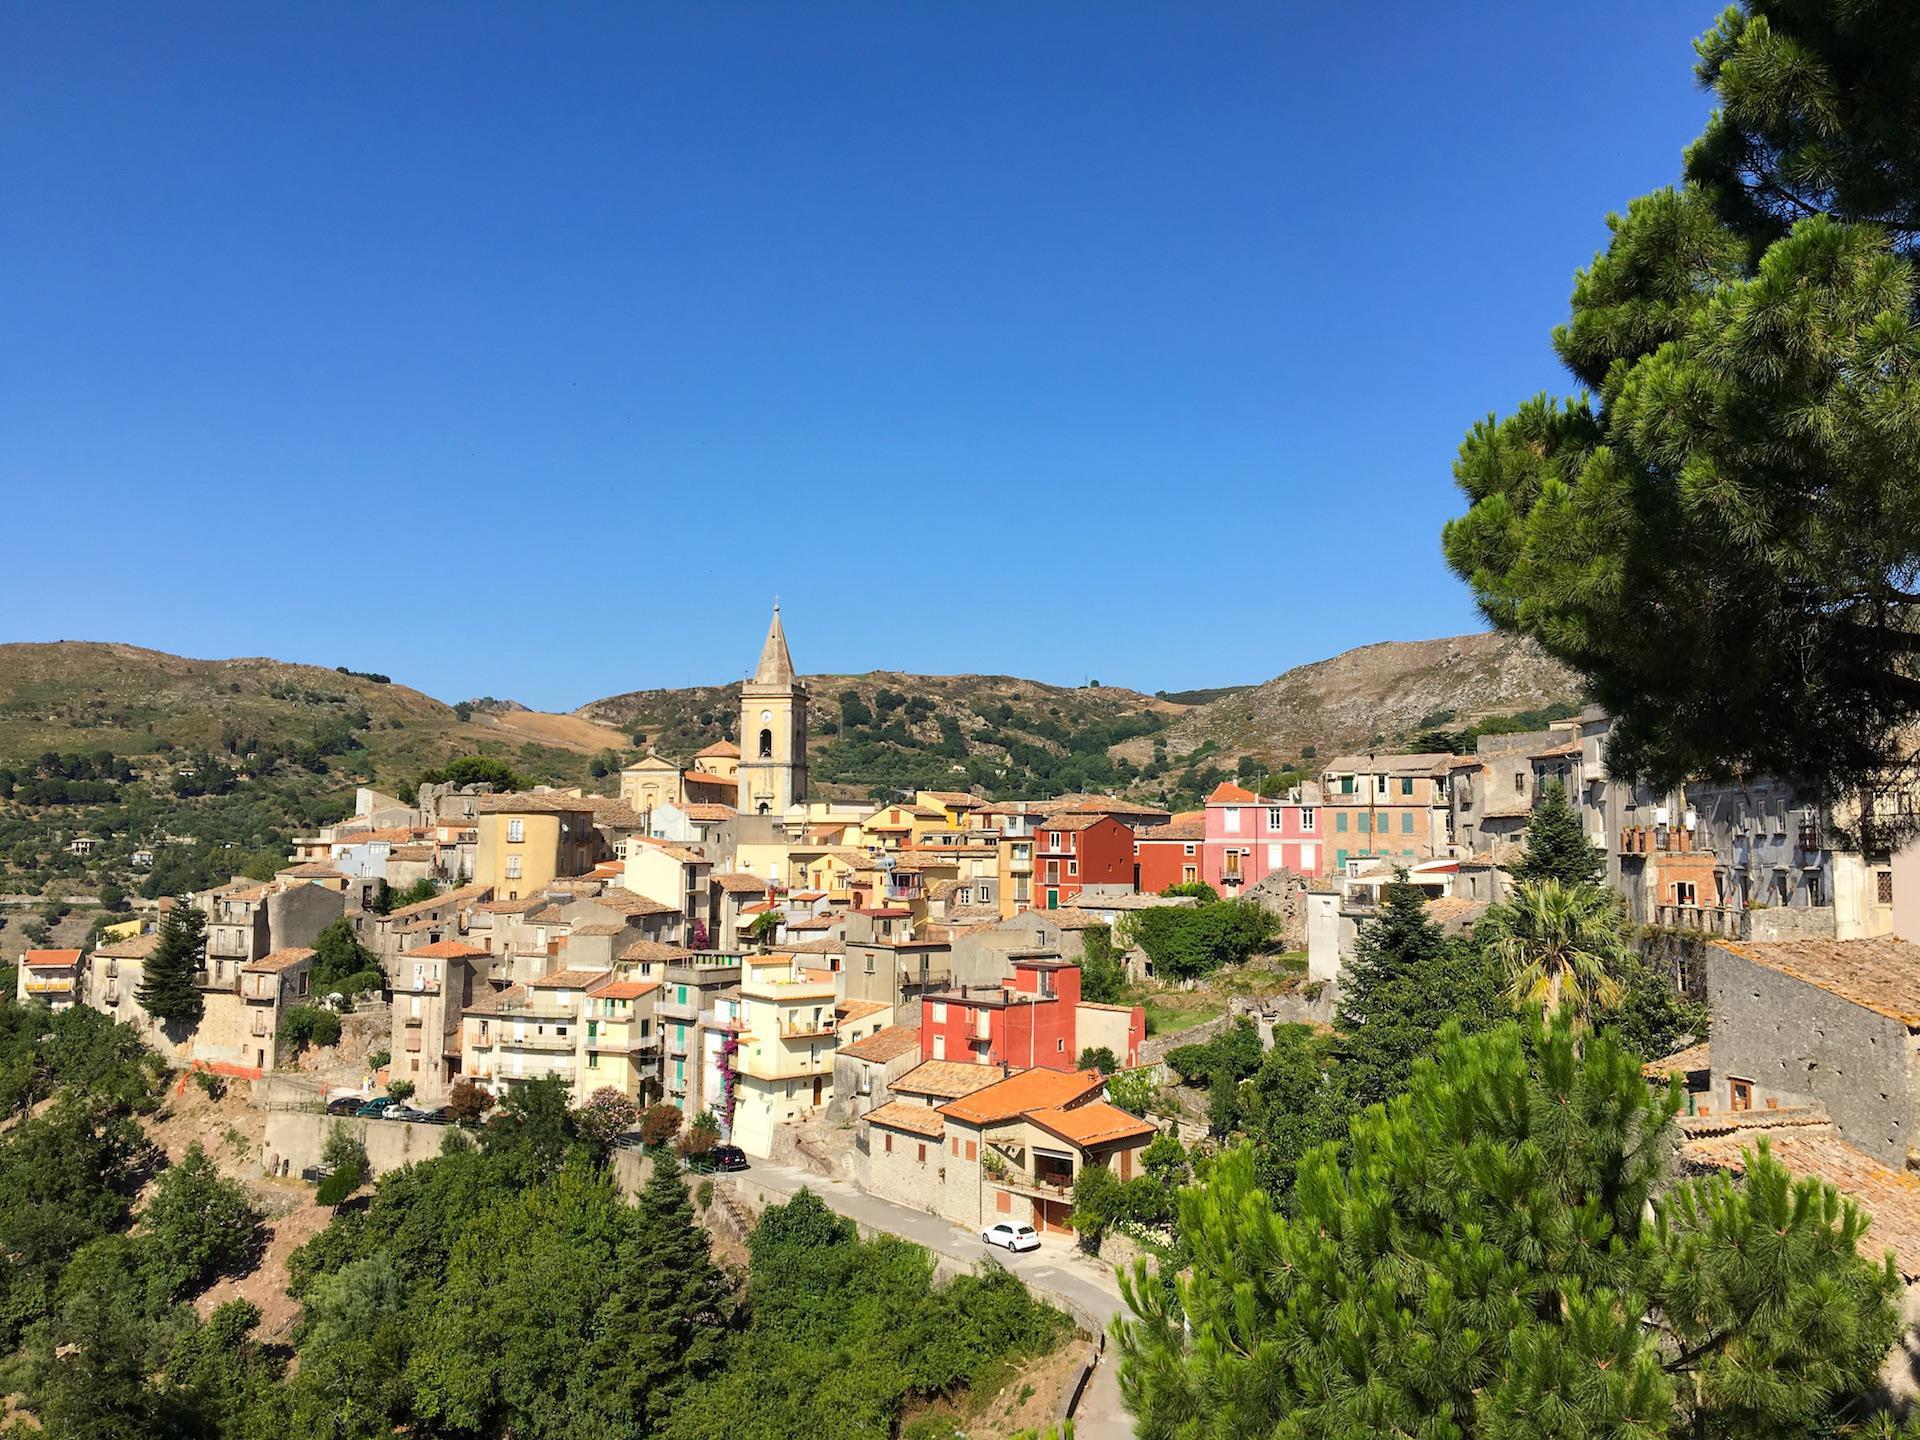 Die schönsten Dörfer Italiens